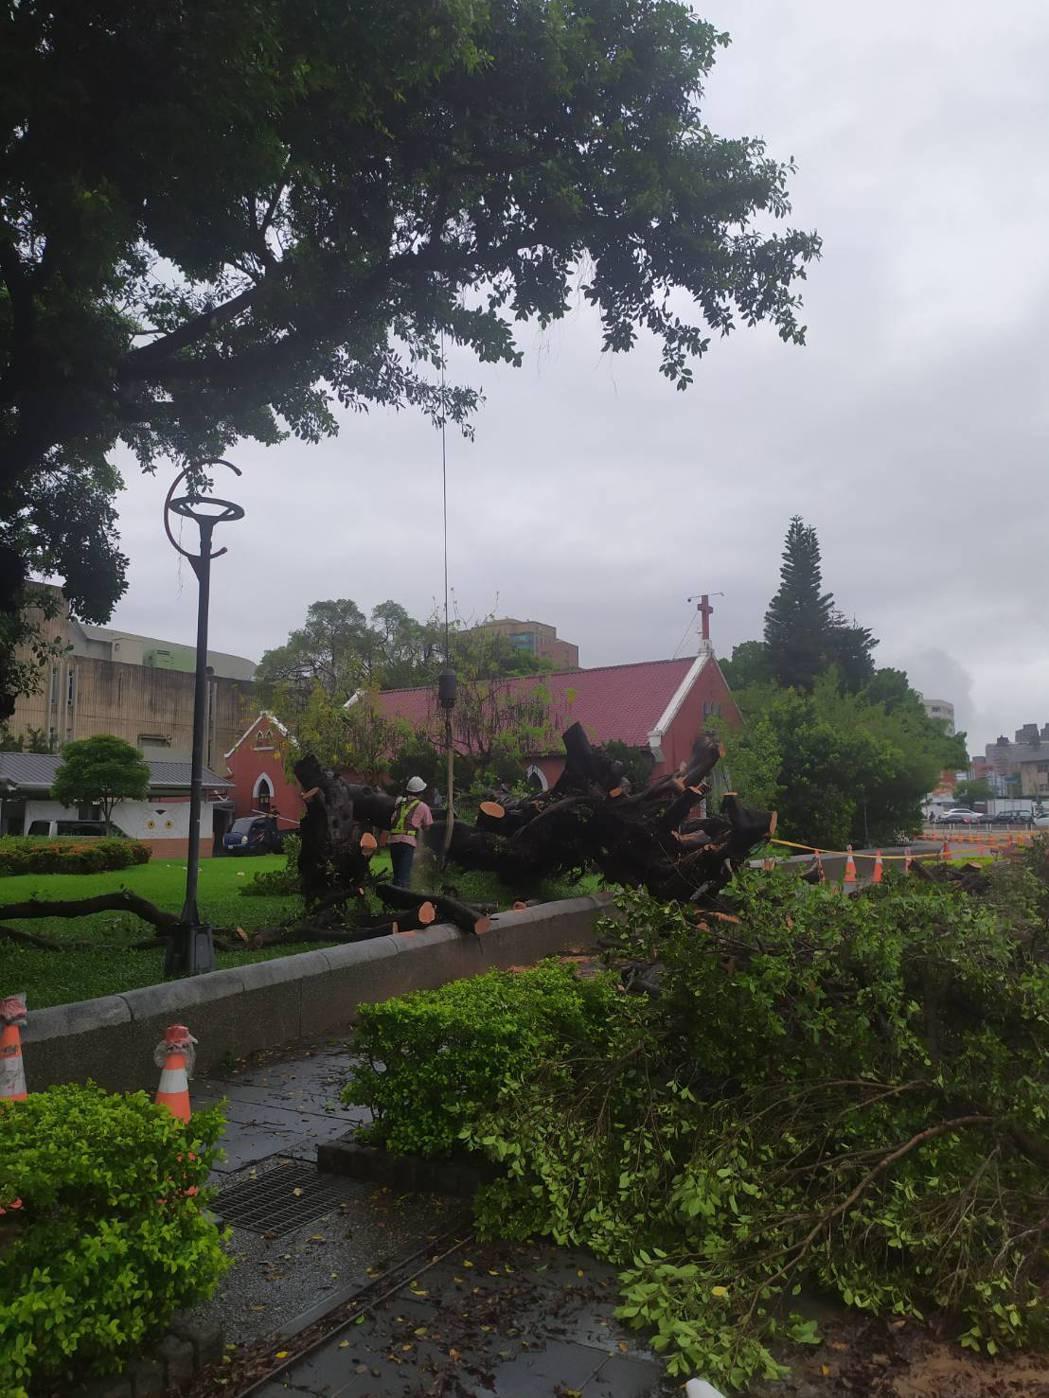 台中公園思恩堂旁的2棵大榕樹昨晚倒塌,橫躺在人行道上,建設局今早派員排除。圖/讀...